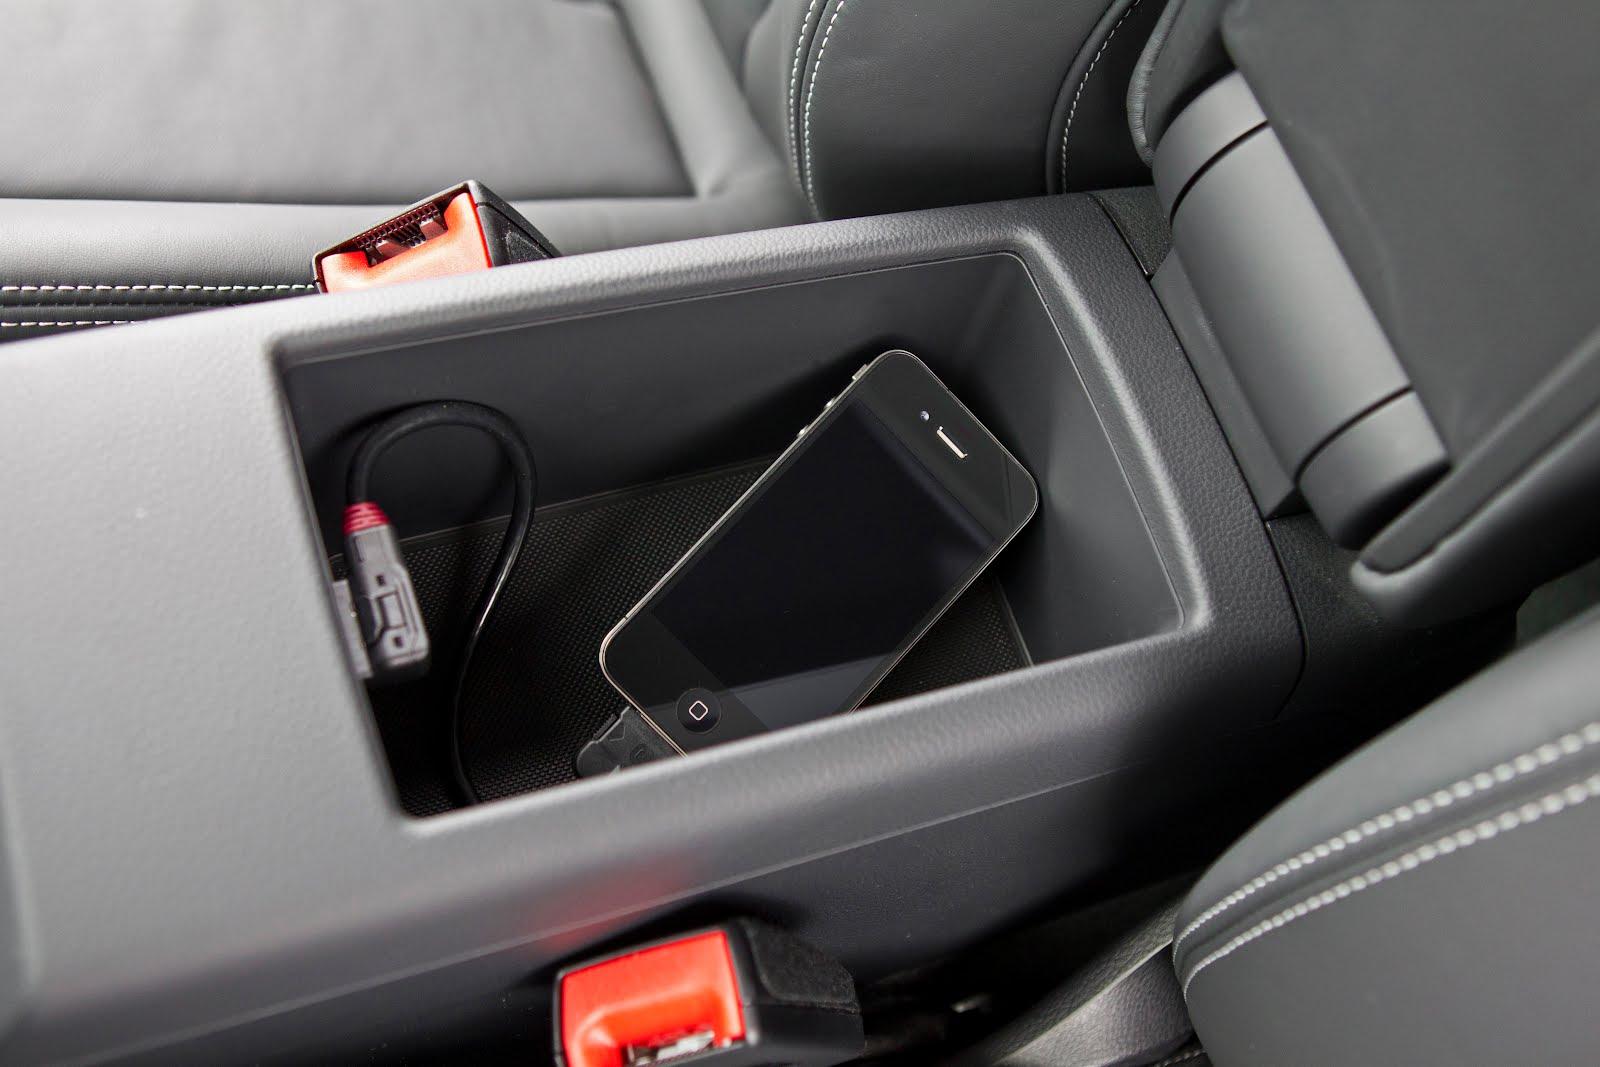 Voiture communicante: Une Phone Box dans l'Audi A3